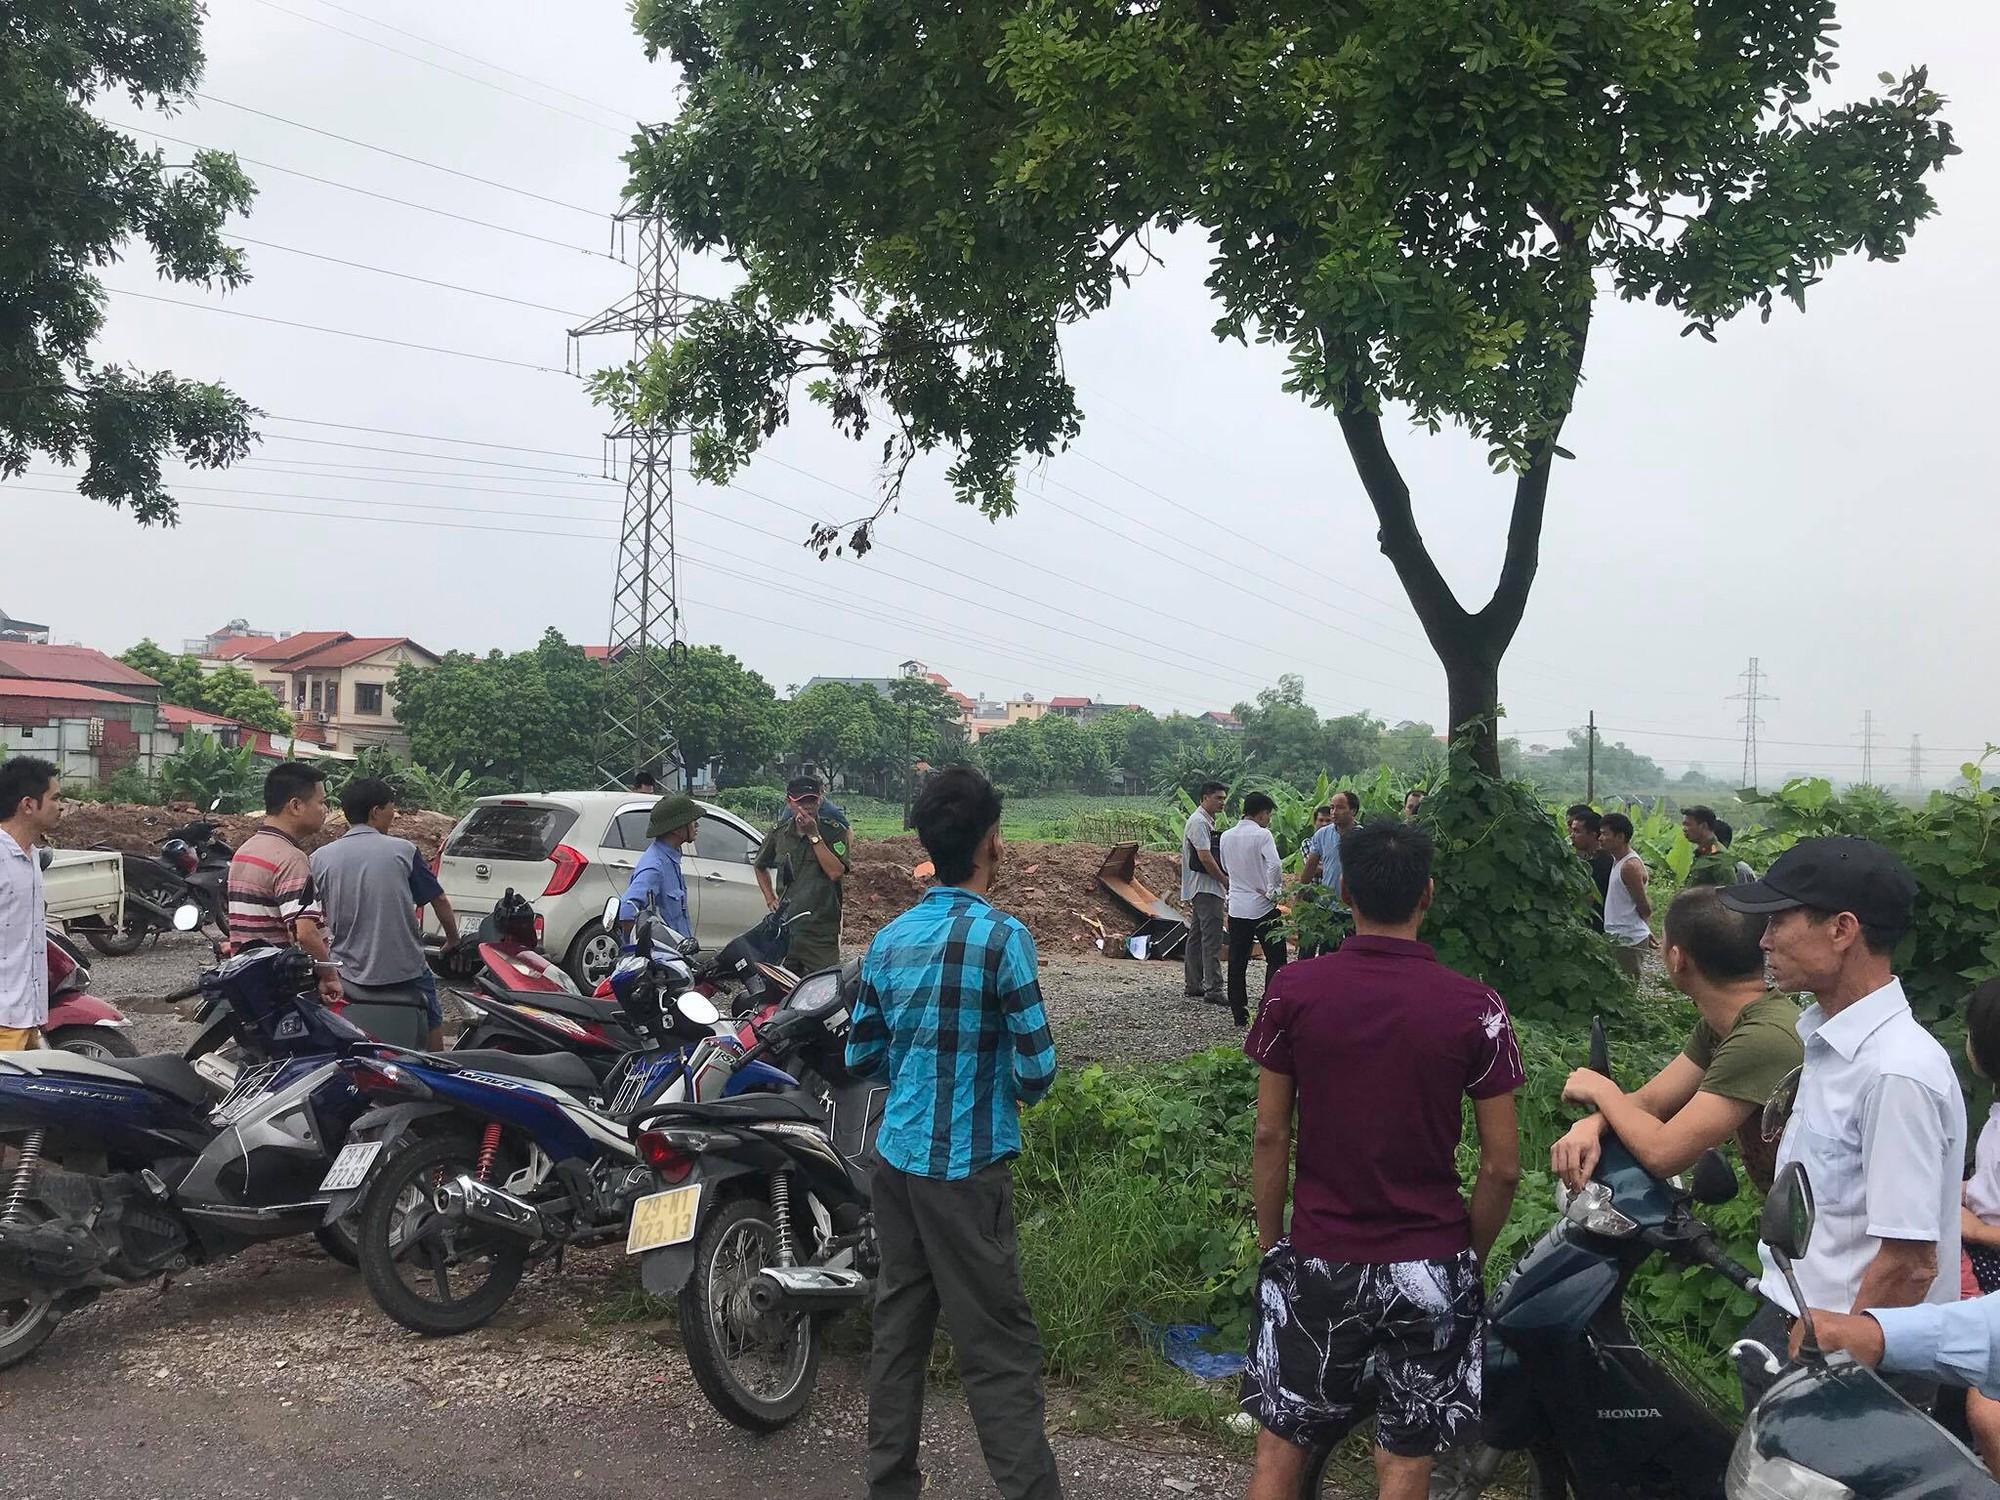 Hà Nội: Phát hiện nam thanh niên tử vong bên gốc cây cạnh chiếc xe máy sau đêm mưa - Ảnh 3.